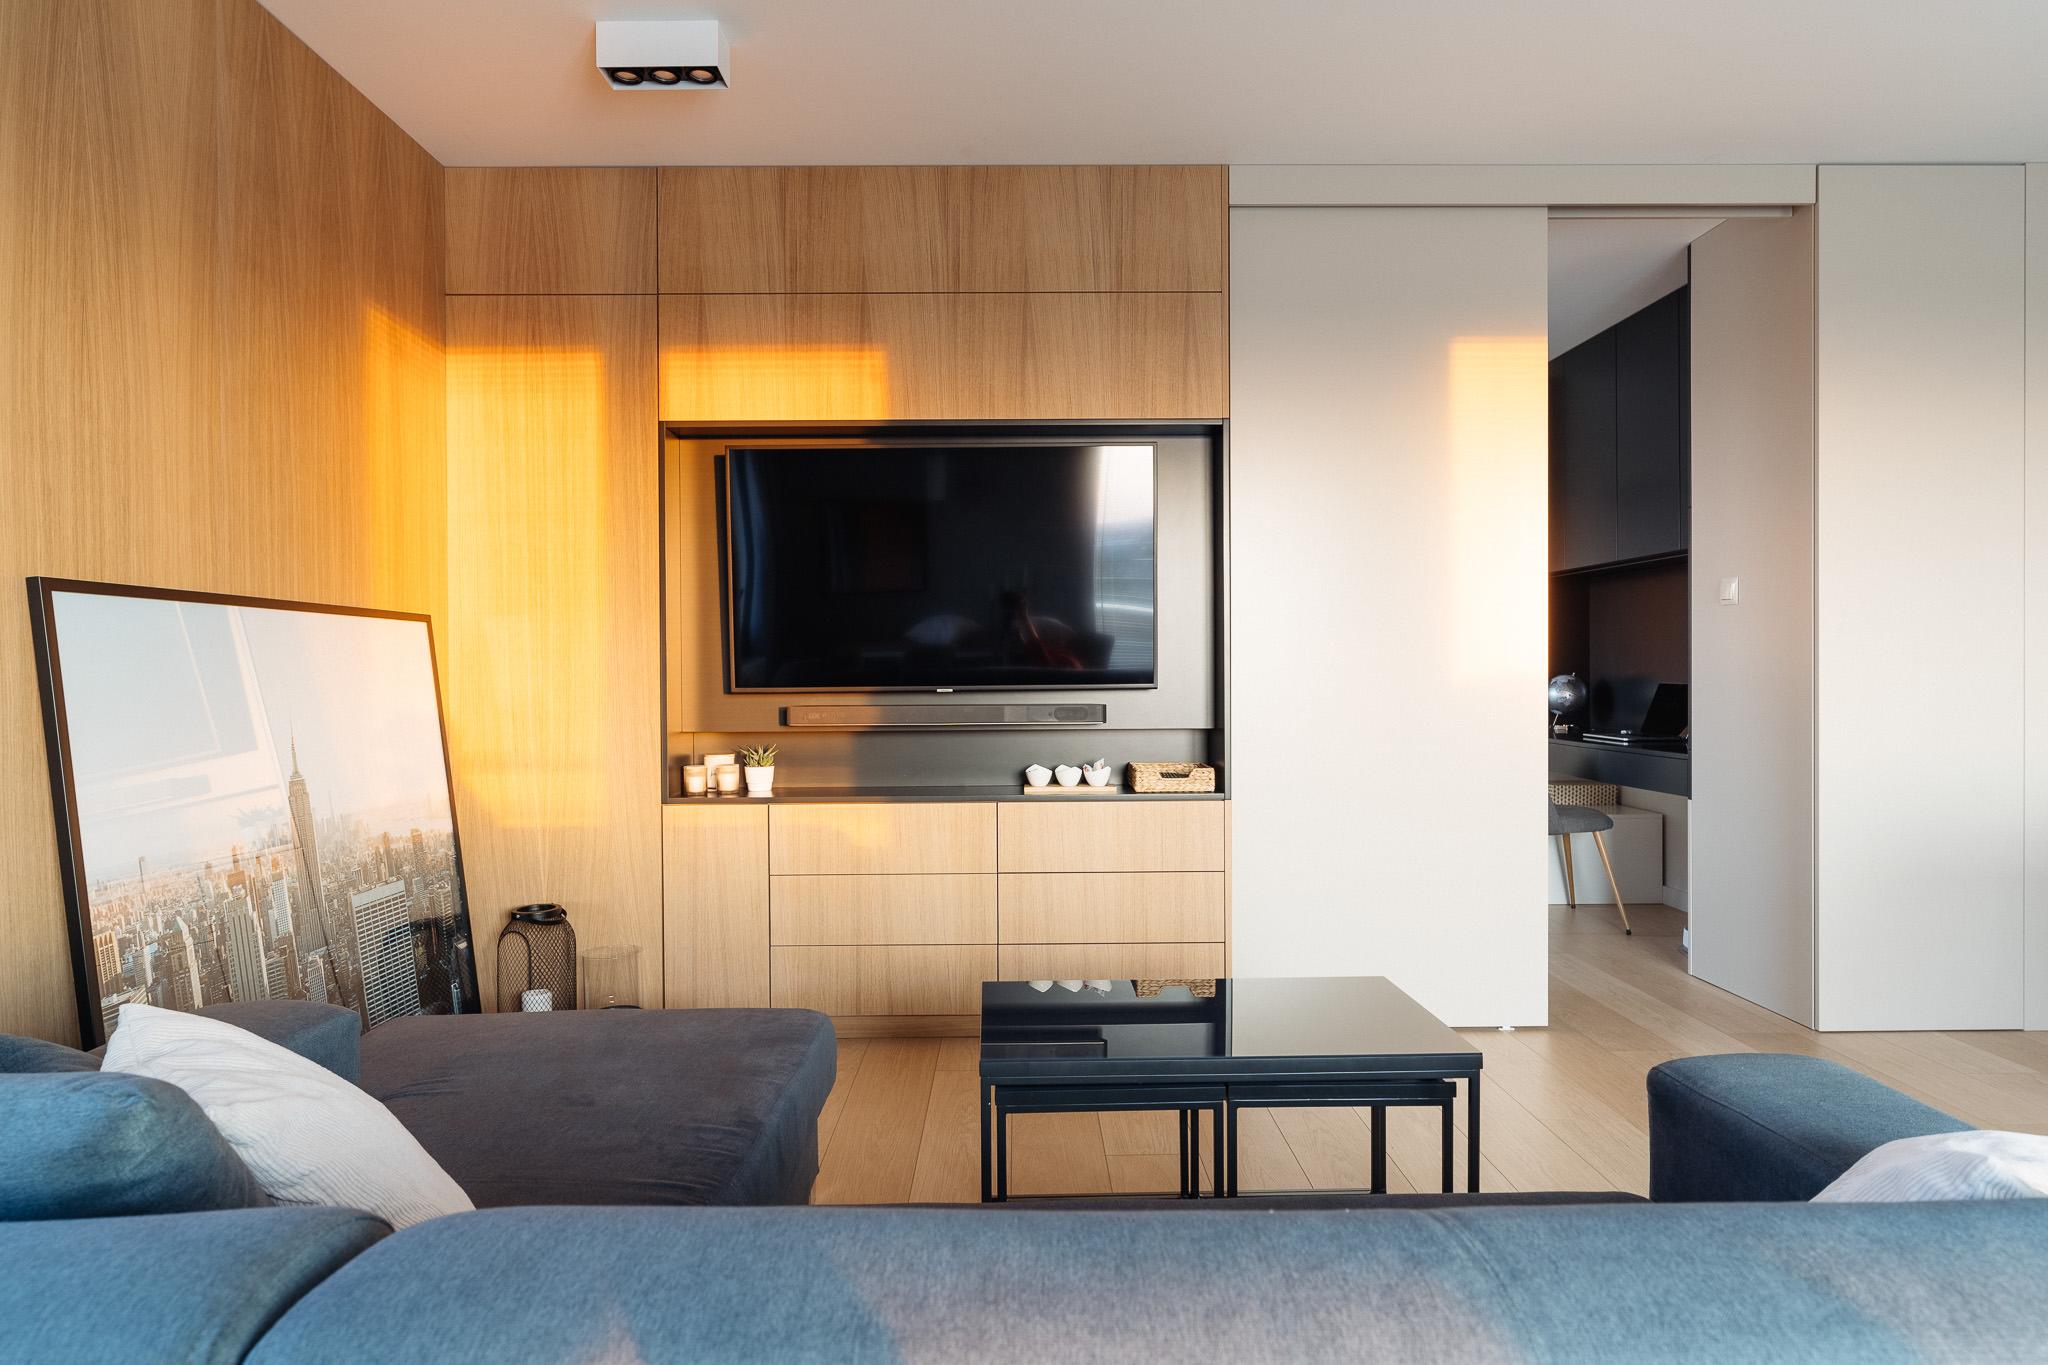 2 projketowanie wnetrz R105 mieszkanie Krakow pokoj dzienny zabudowa telewizora ukryte pomieszczenie drewno na scianie